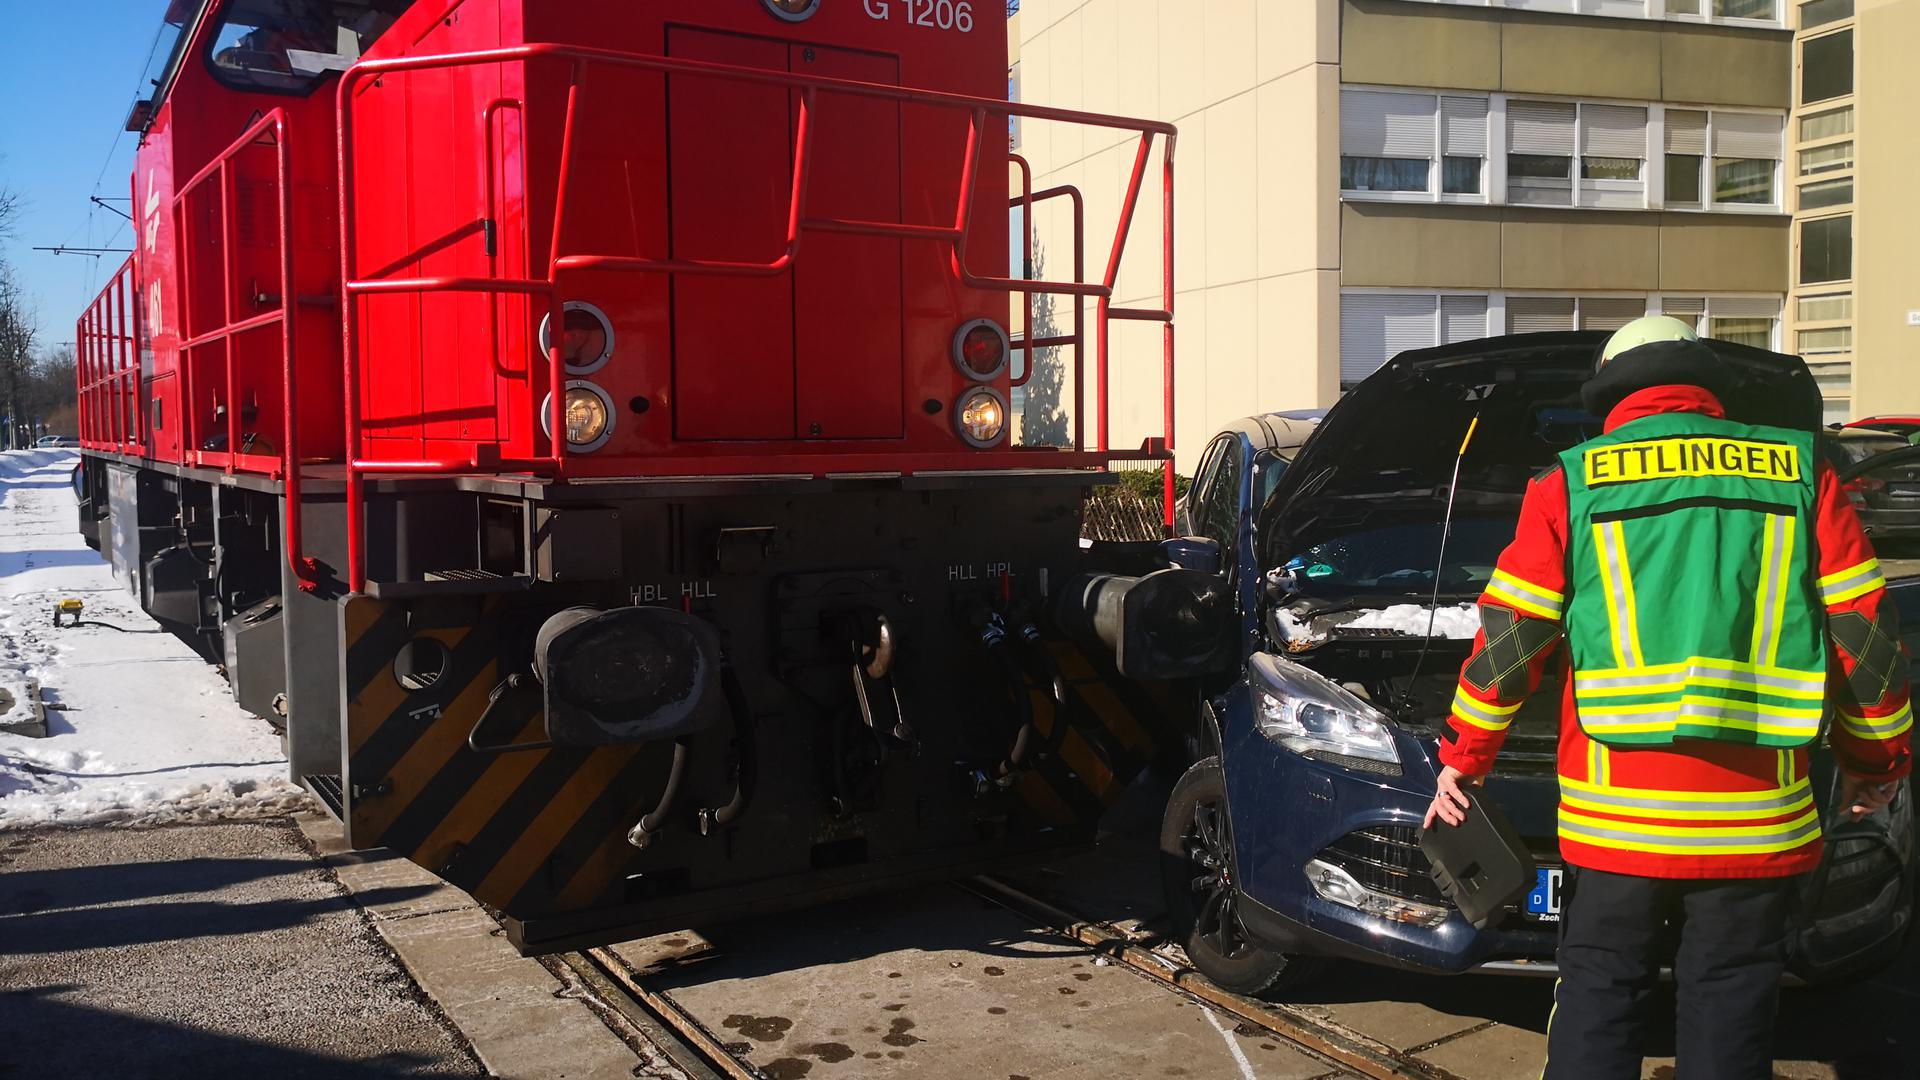 Eine rote Rangierlok steht auf den Gleisen, ein dunkelblaues Auto ist auf der Beifahrerseite mit der Lok zusammengestoßen. Ein Feuerwehrmann steht mit dem Rücken zum Betrachter vor dem Pkw.